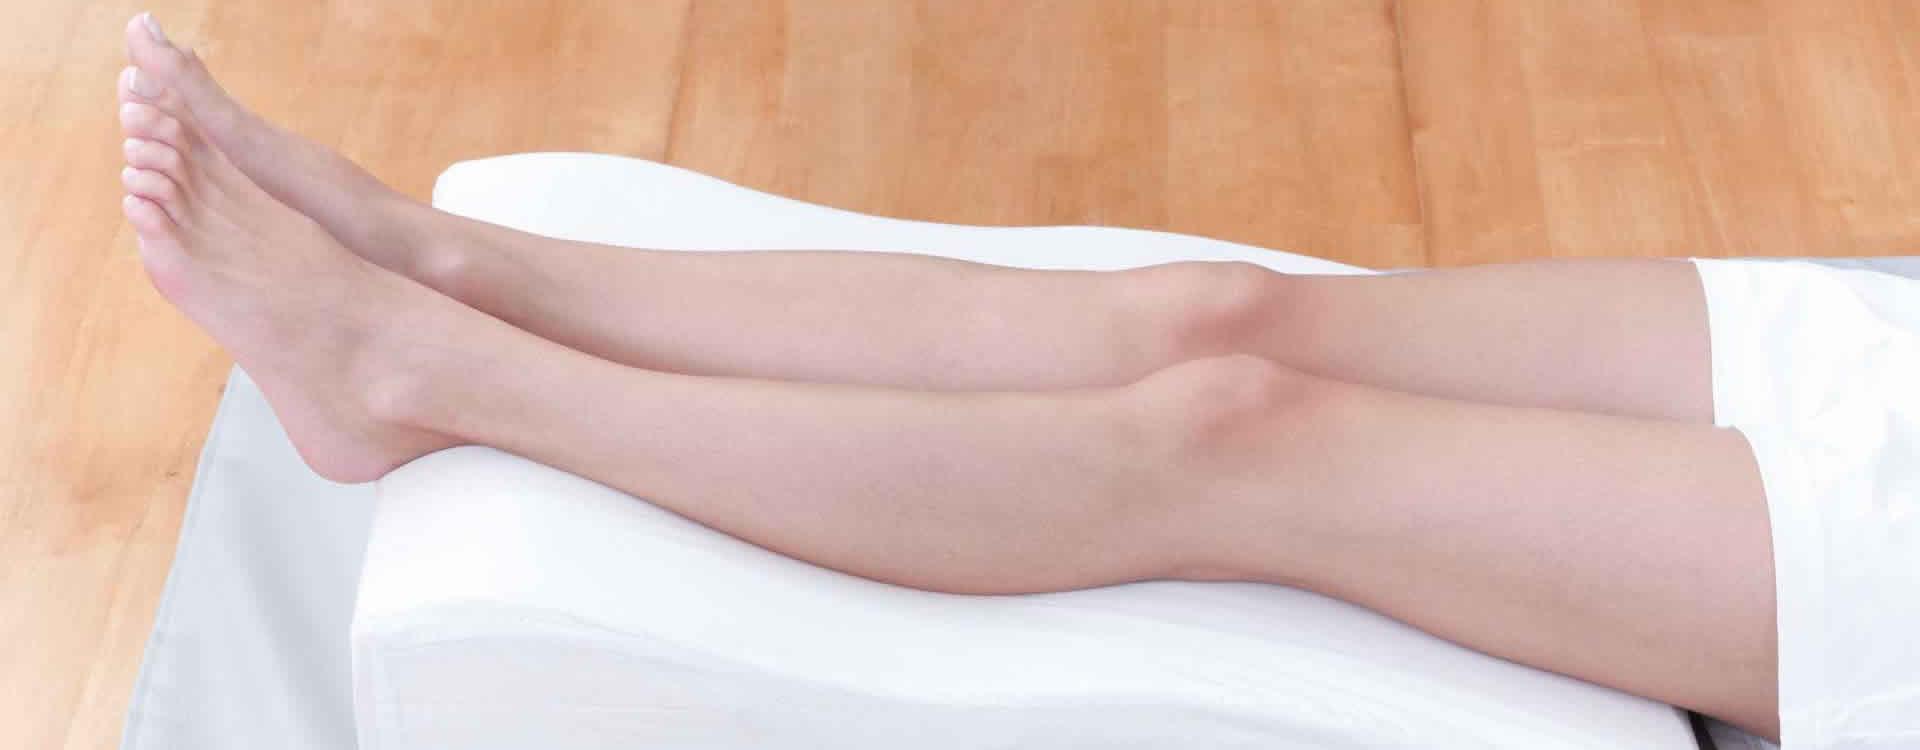 Варикоз - косметический дефект или опасное заболевание